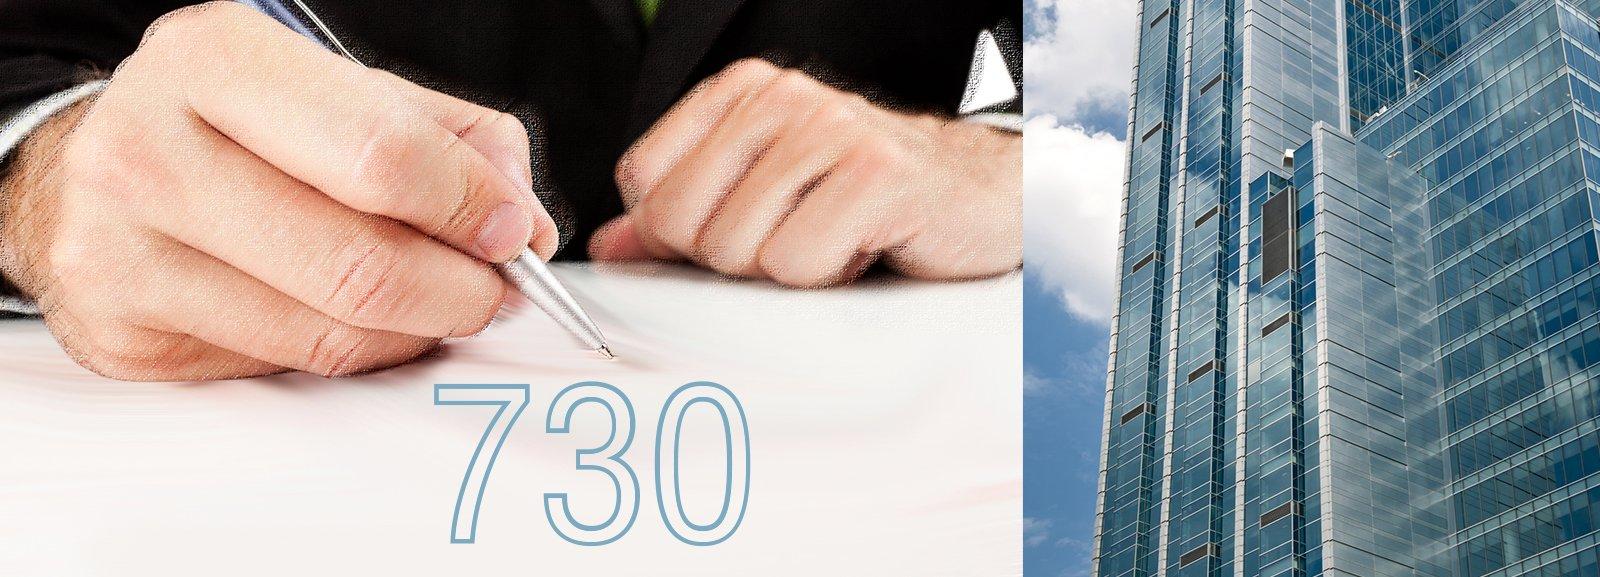 Dichiarazione dei redditi le spese scaricabili nel for 730 dichiarazione